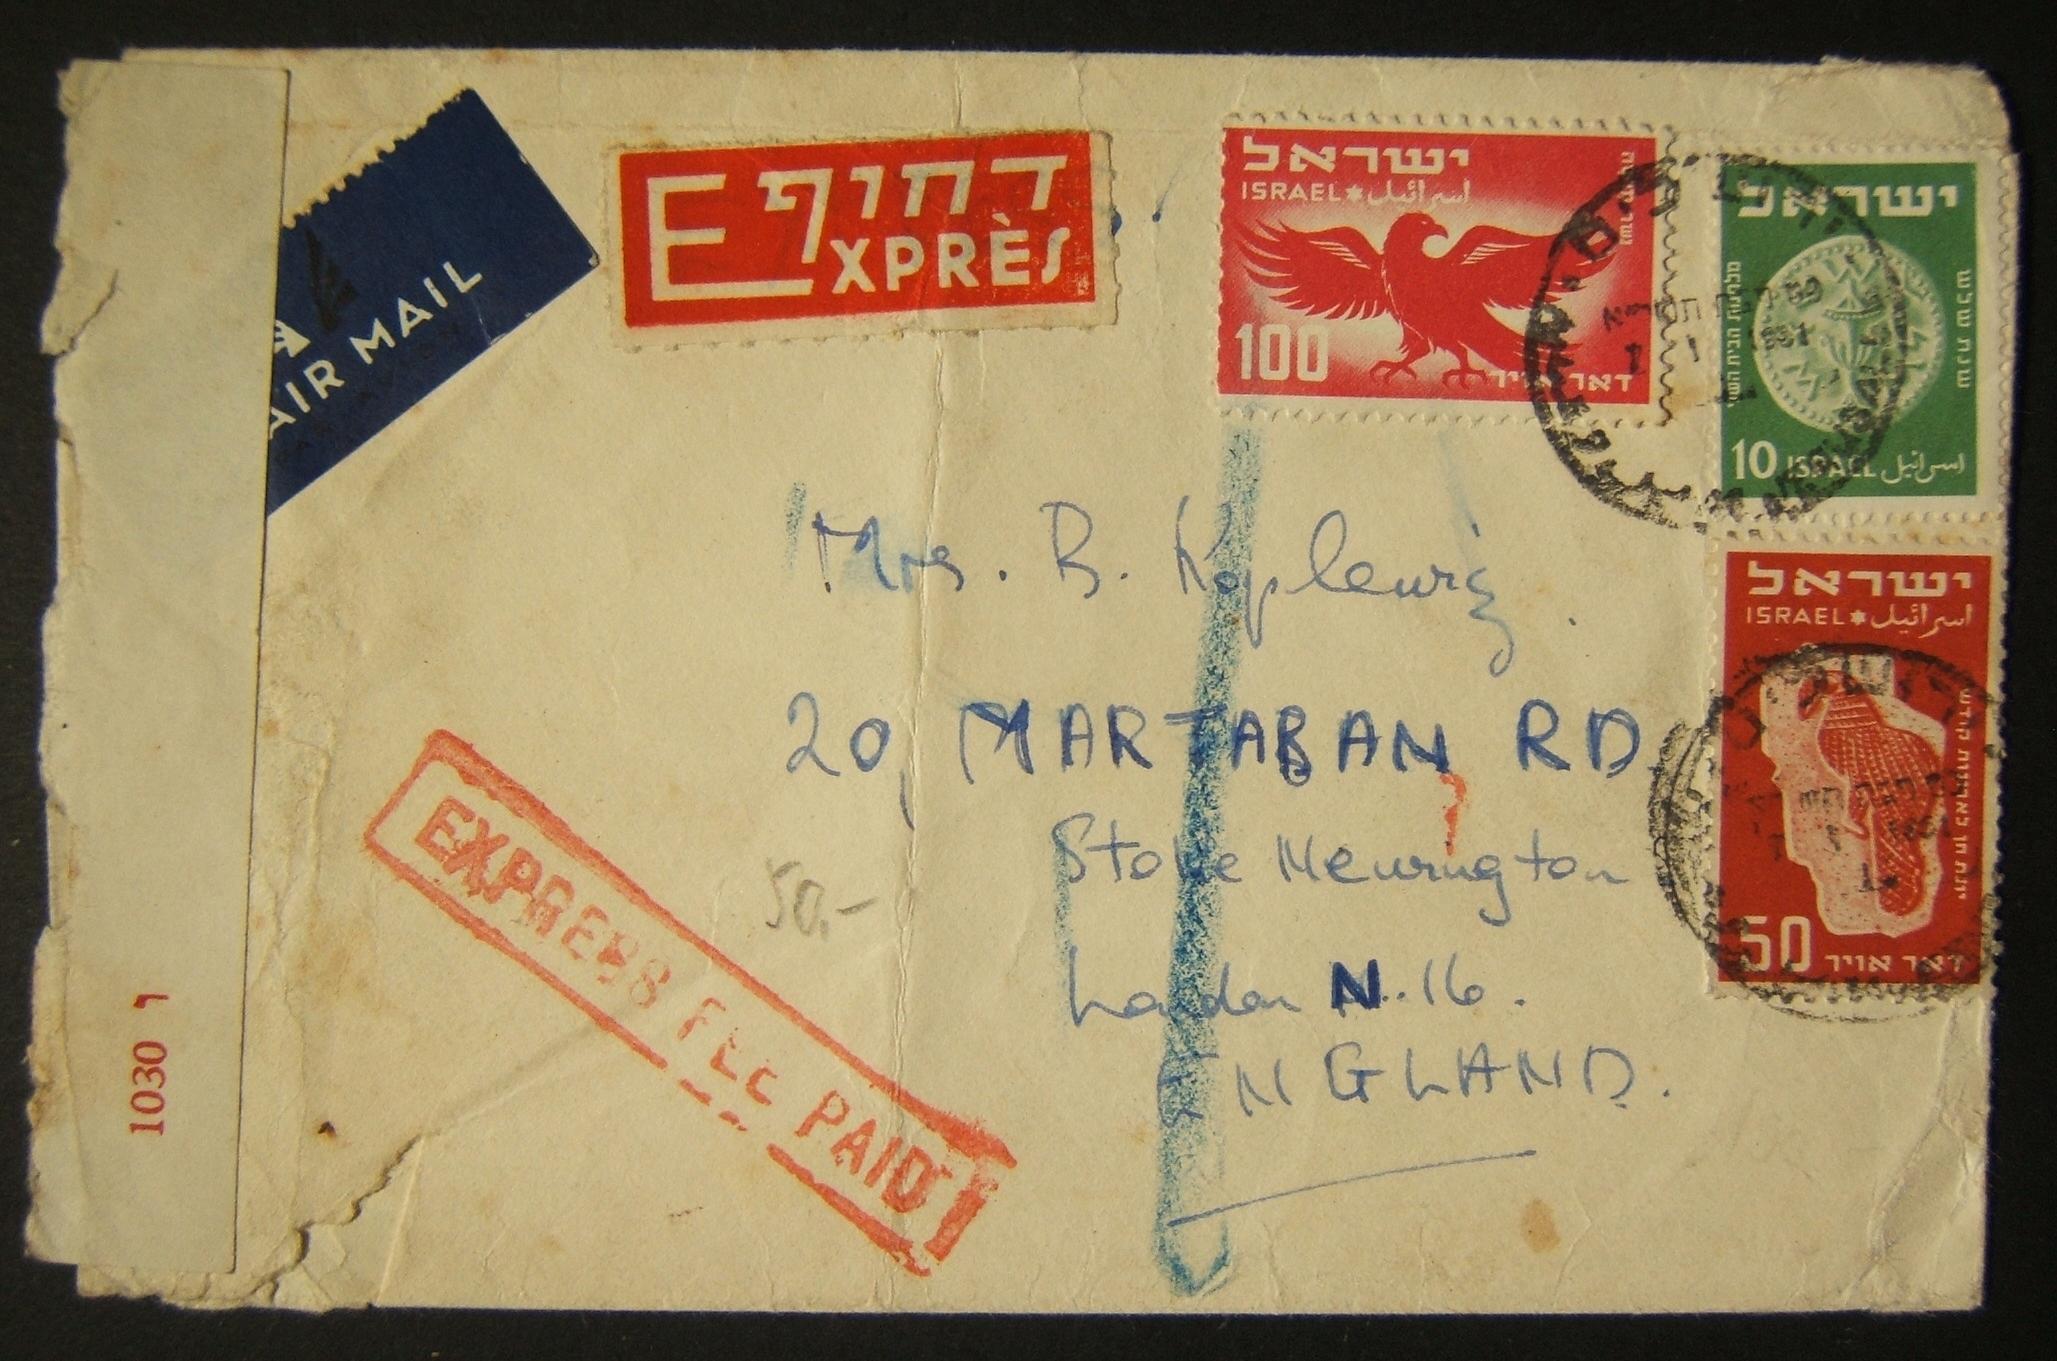 1/1951 الوزن الزائد البريد السريع إلى المملكة المتحدة باستخدام الطوابع البريدية 50pr و 100pr 1st البريد الجوي